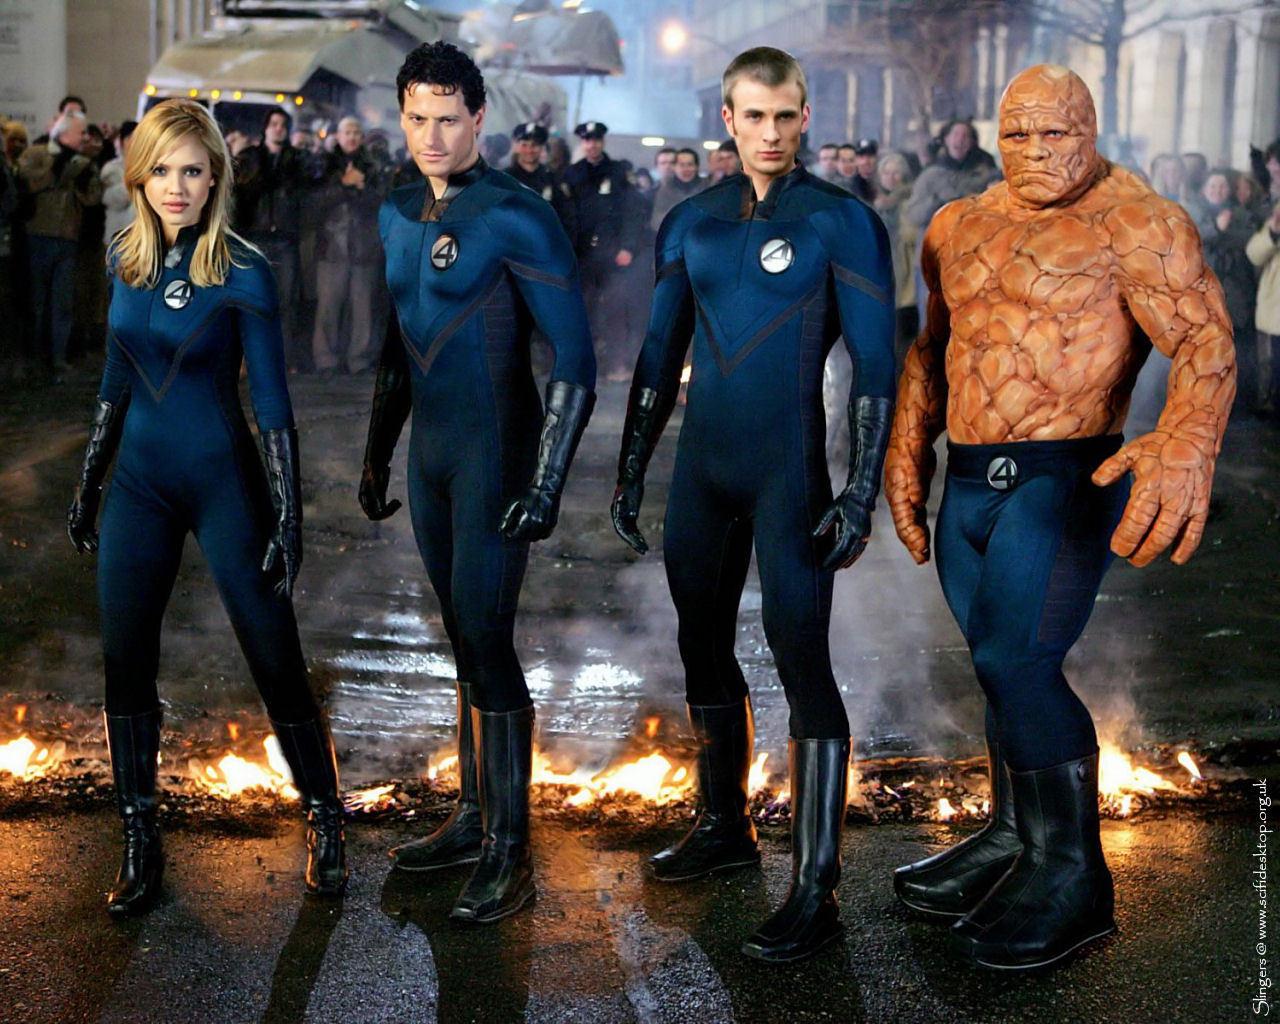 Fantastic-Four-marvel-comics-3979736-1280-1024